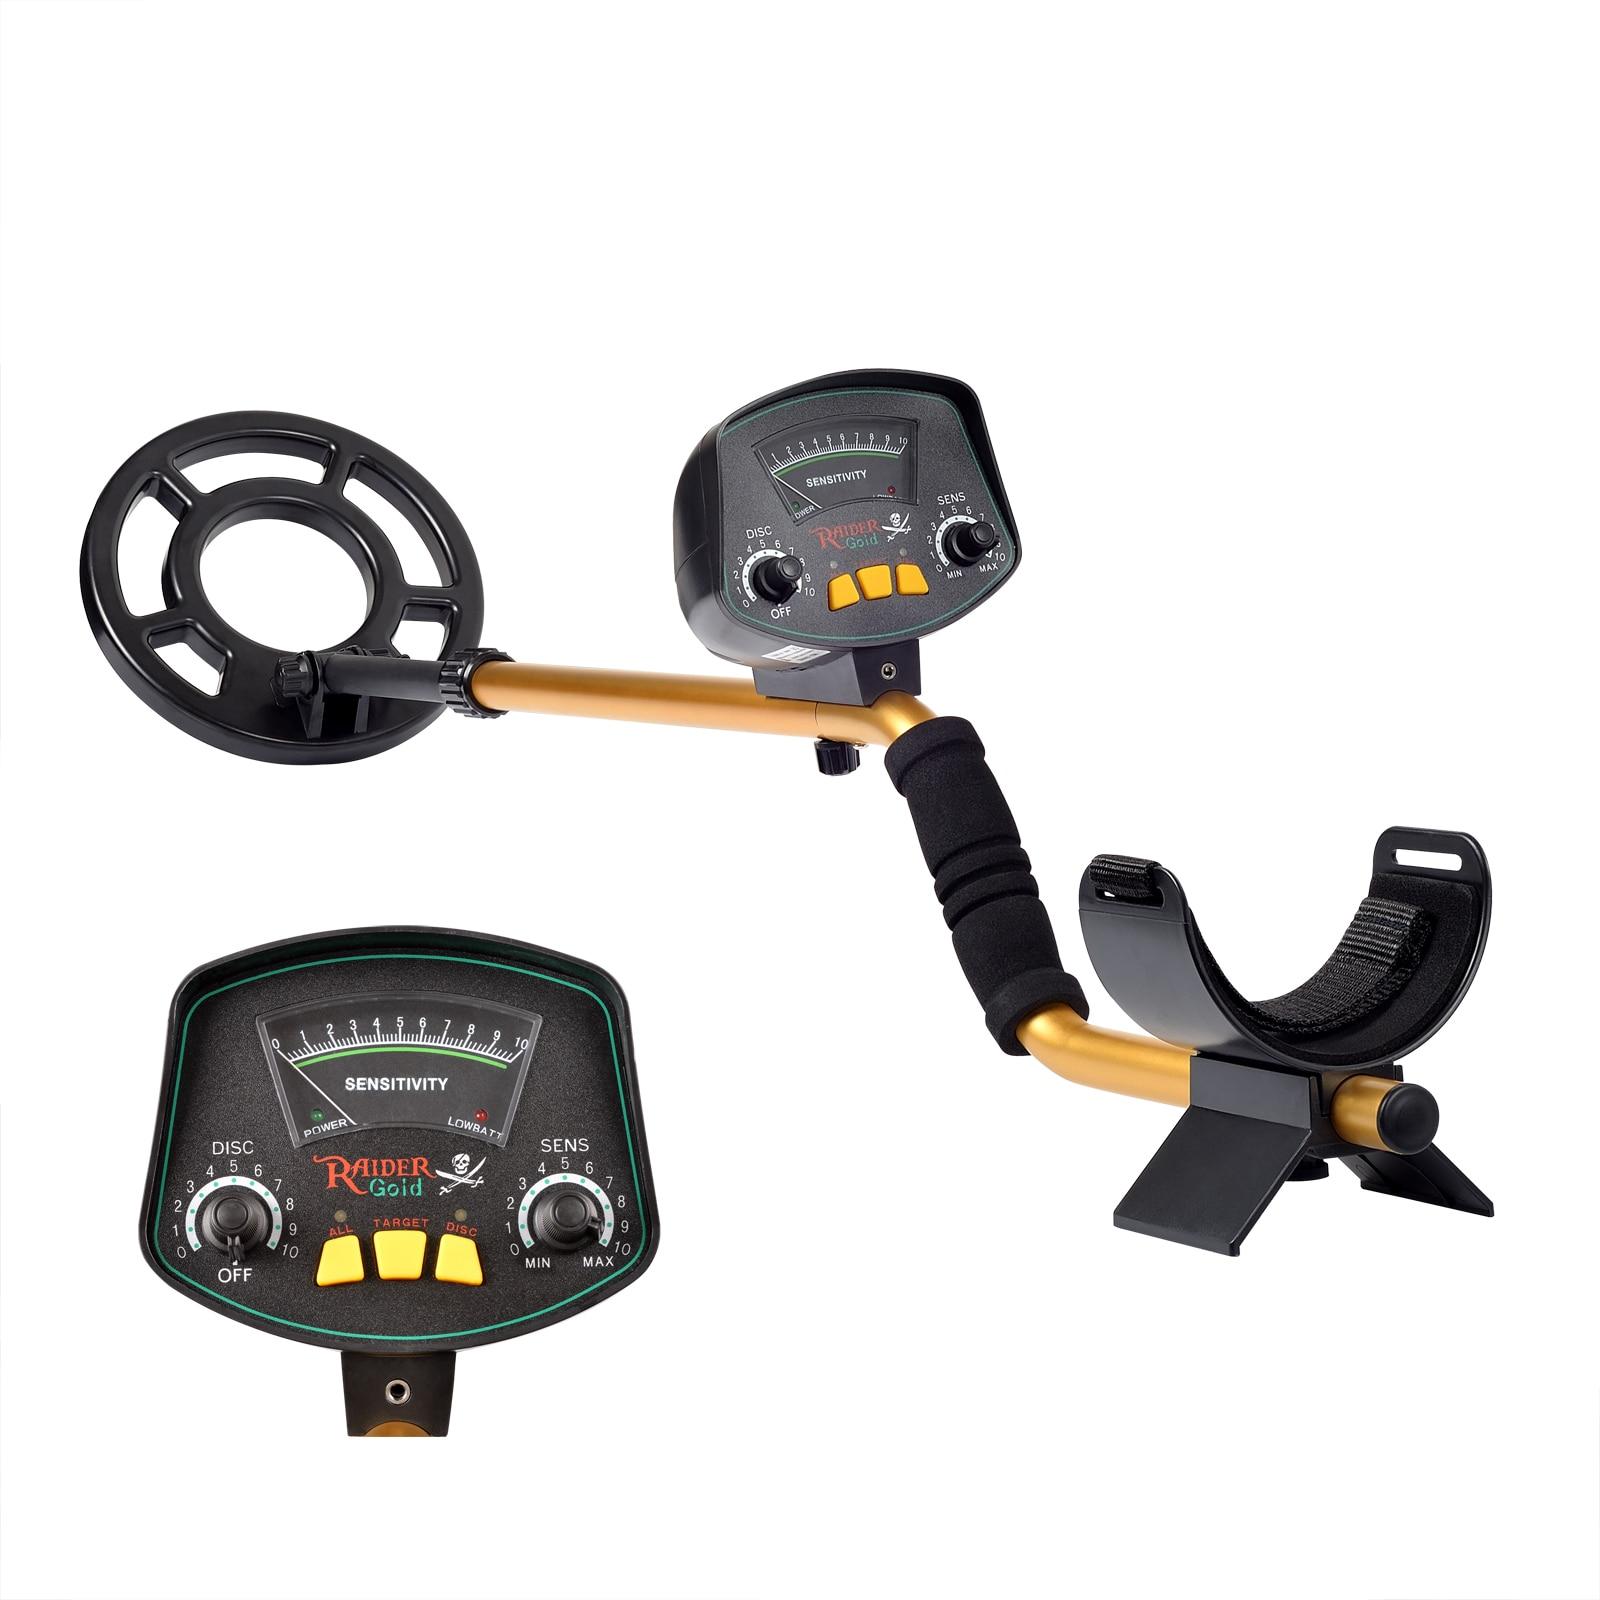 Schema Elettrico Per Metal Detector : Free shipping emd 3010ii metal detector gold detector for kids